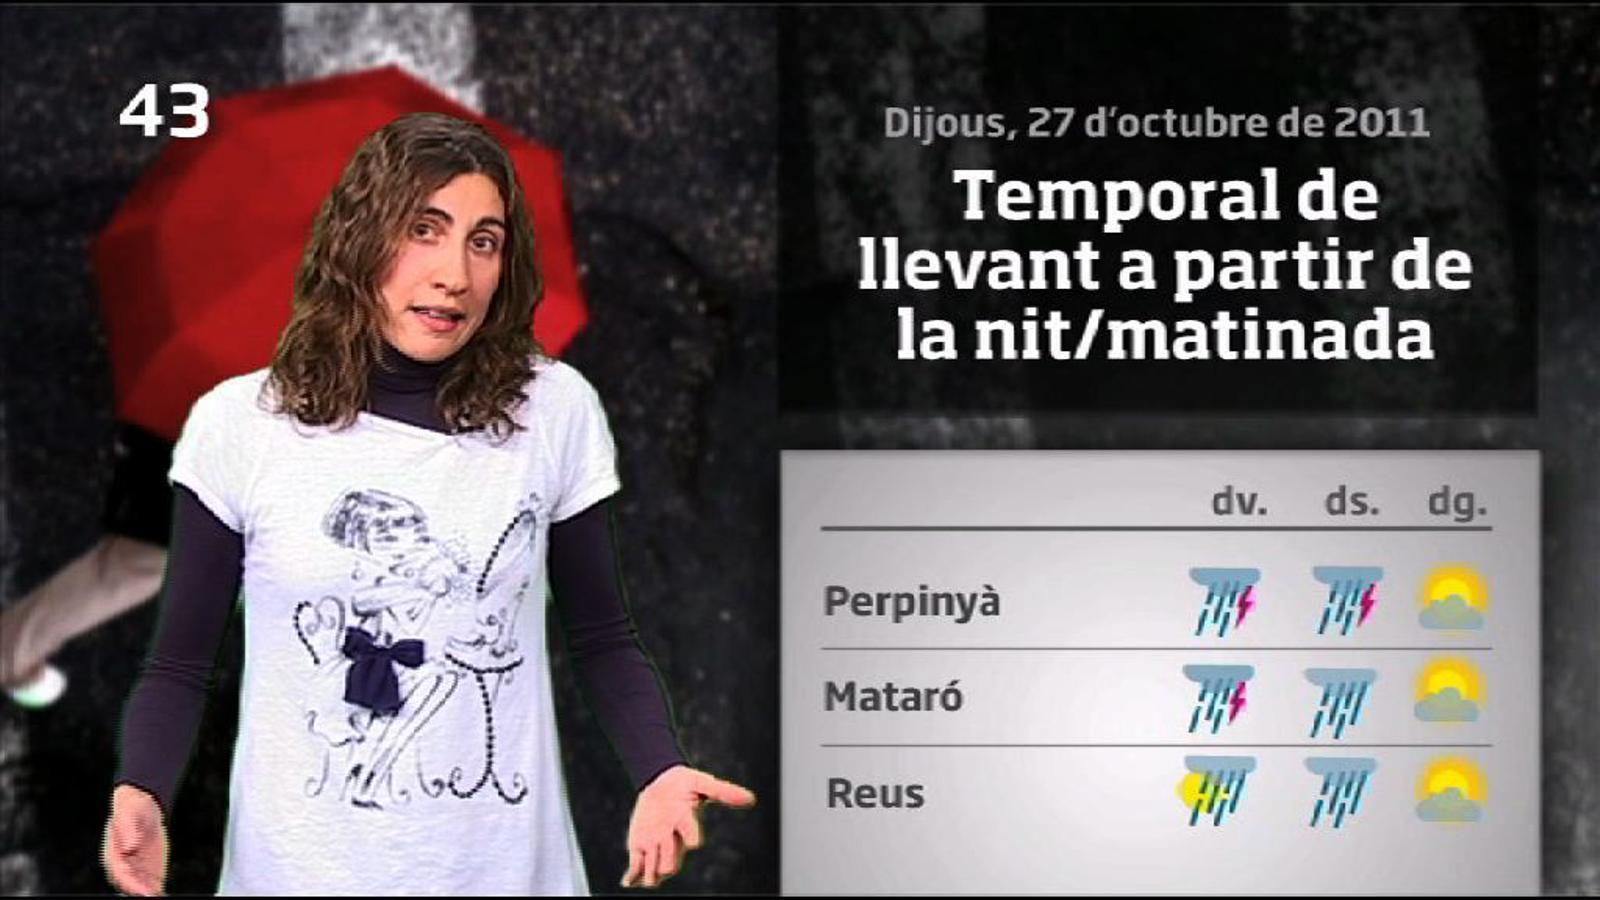 La Méteo en 1 minut: Temporal de llevant amb pluges abundants i intenses fins dissabte (27/10/2011)